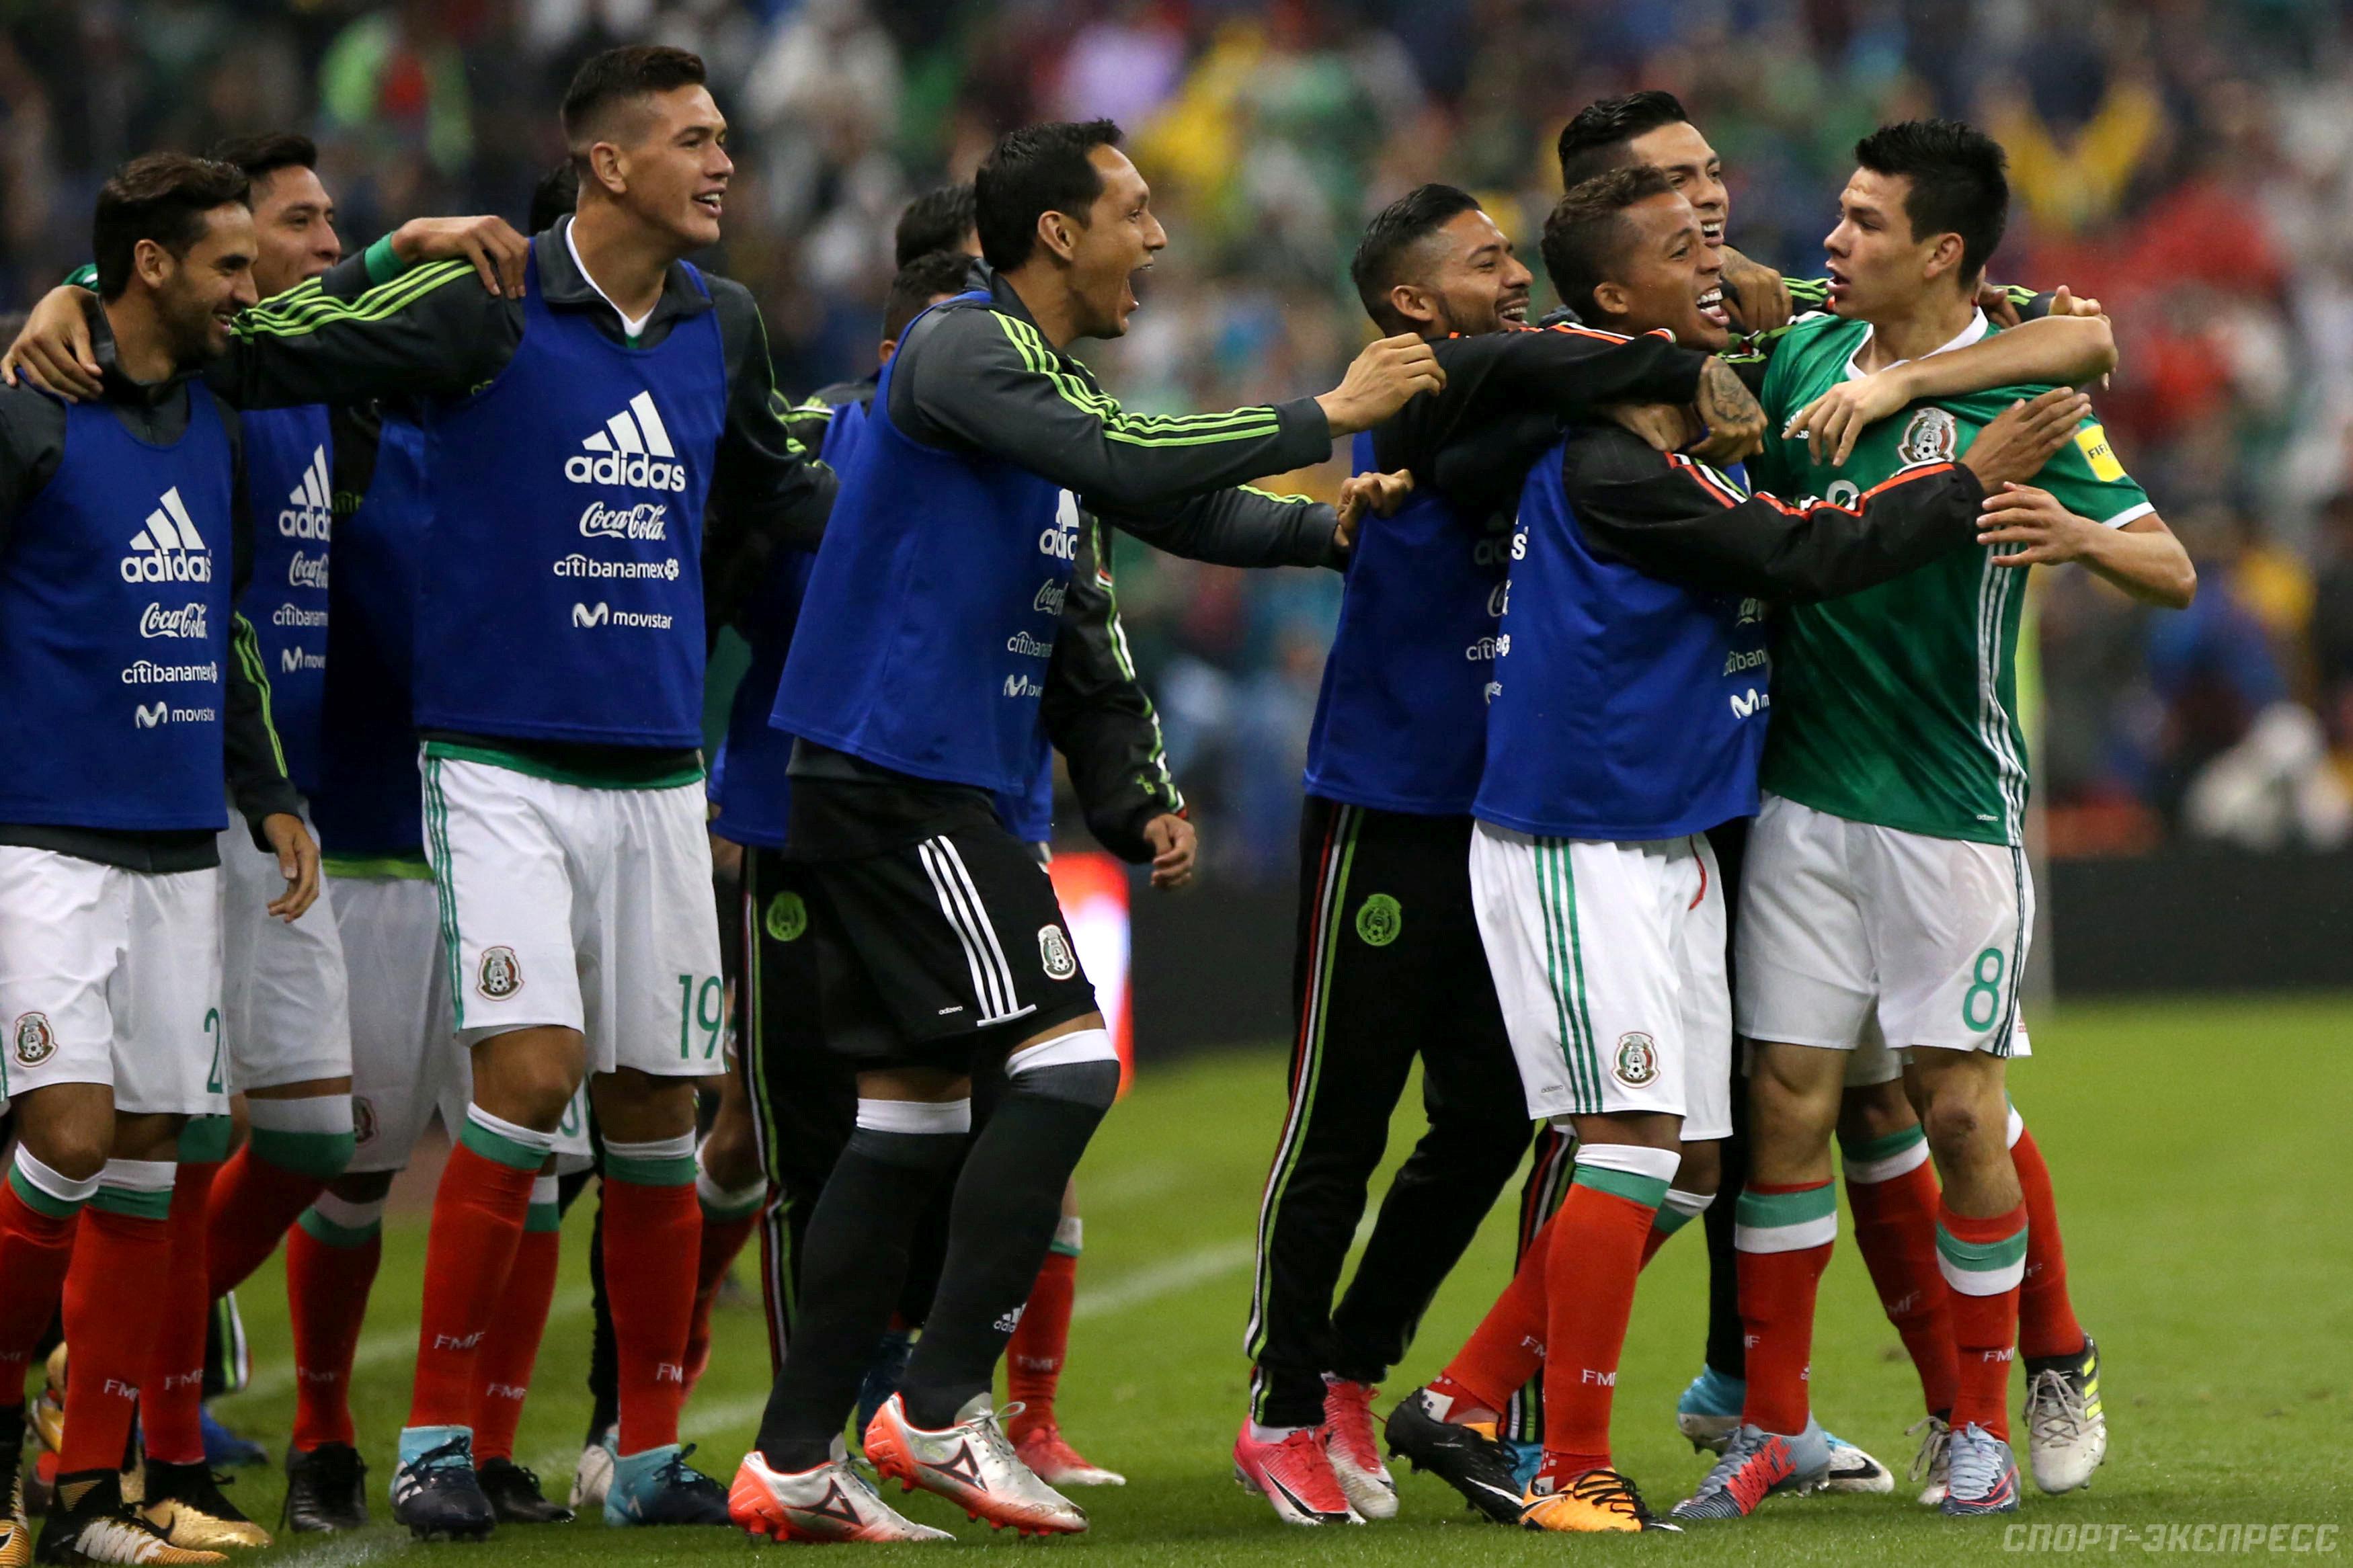 Прогноз на матч Бразилия - Мексика: мексиканцы победят с форой 1,5